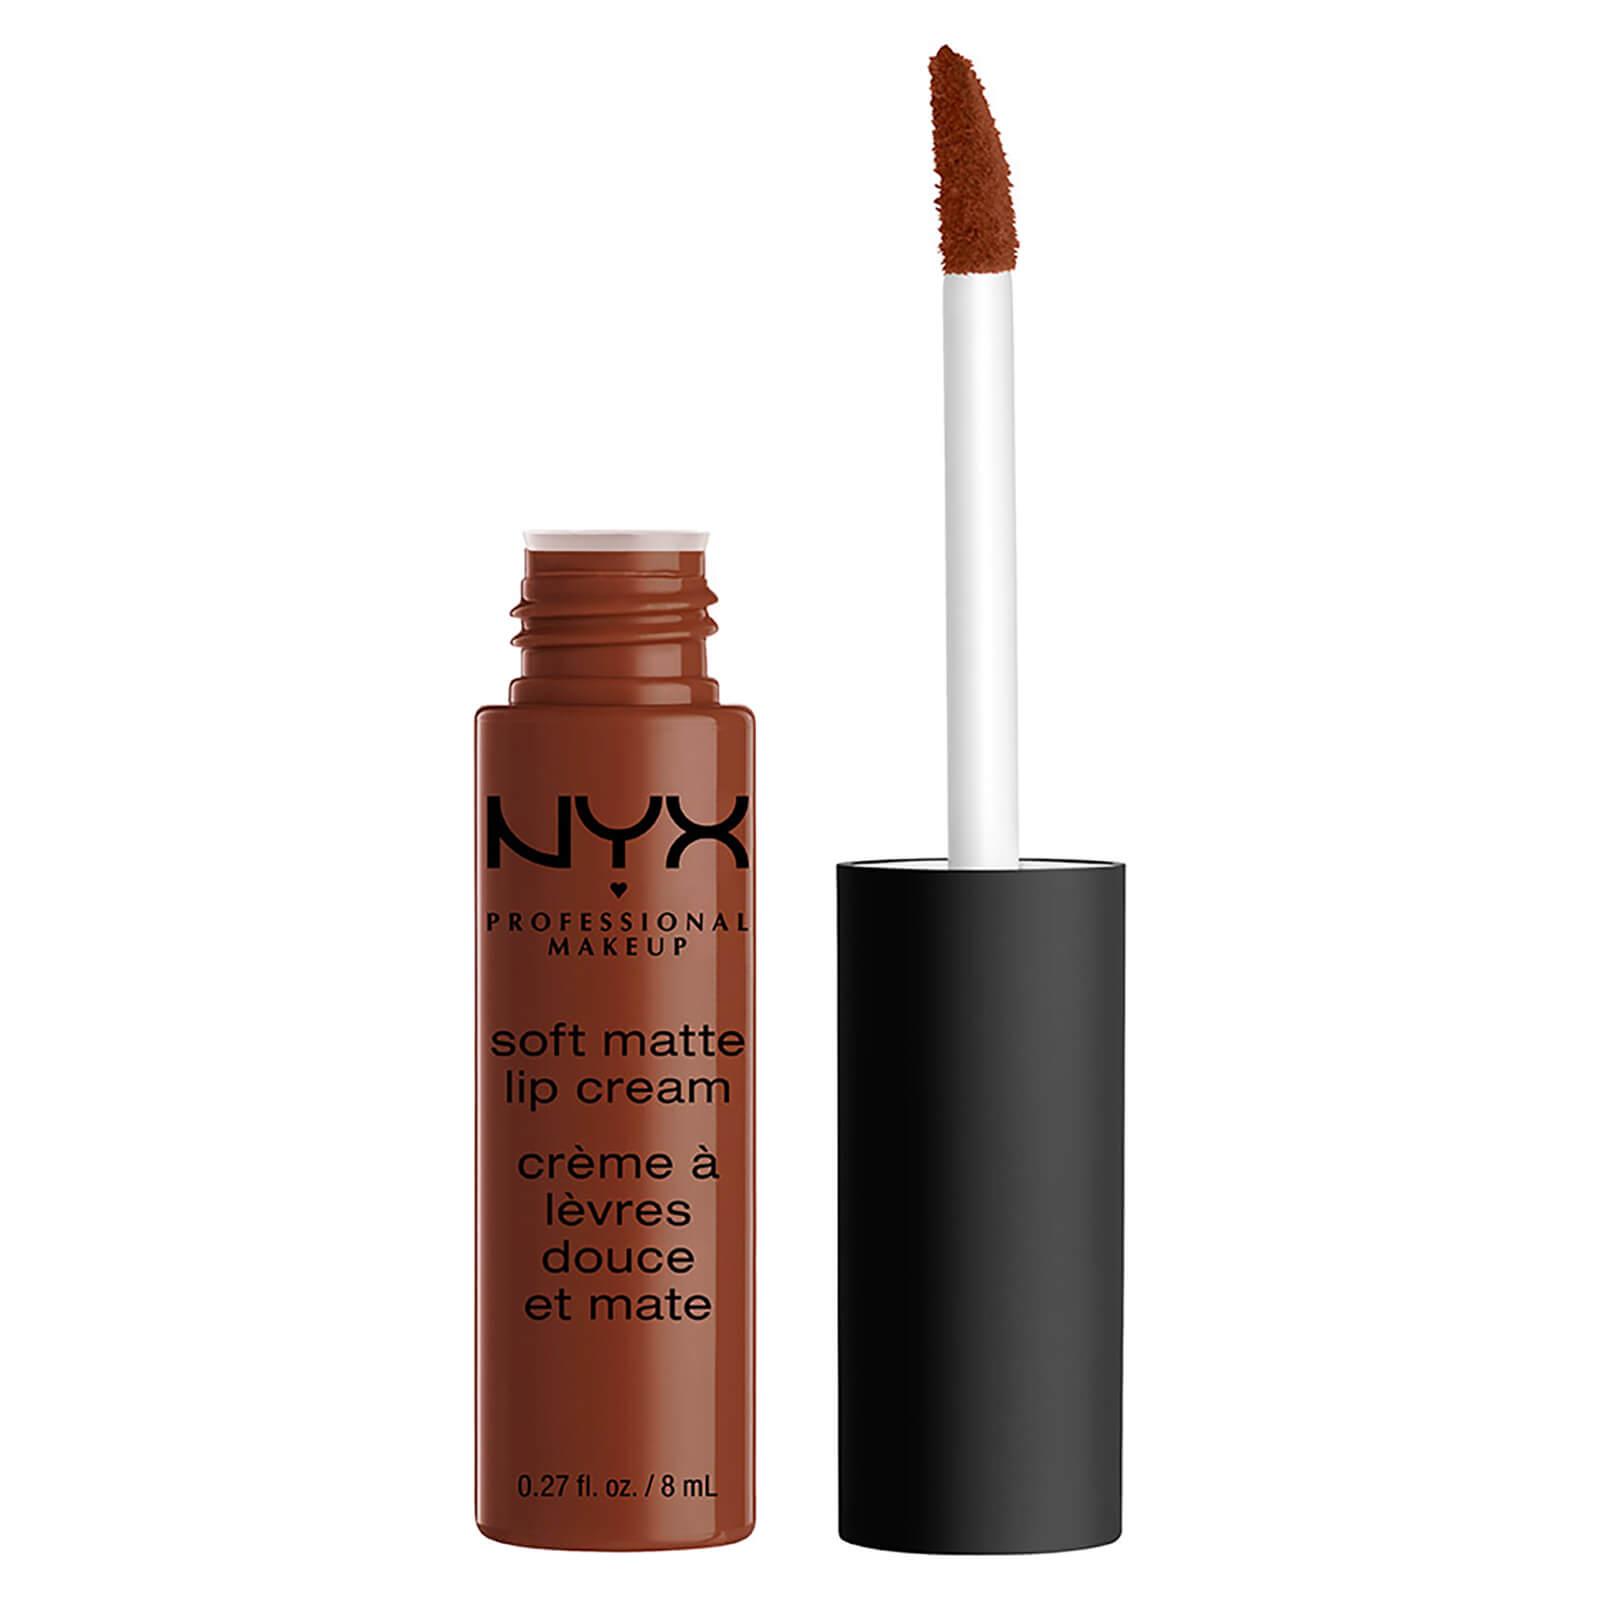 Купить Матовая жидкая помада NYX Professional Makeup Soft Matte Lip Cream (разные оттенки) - Berlin